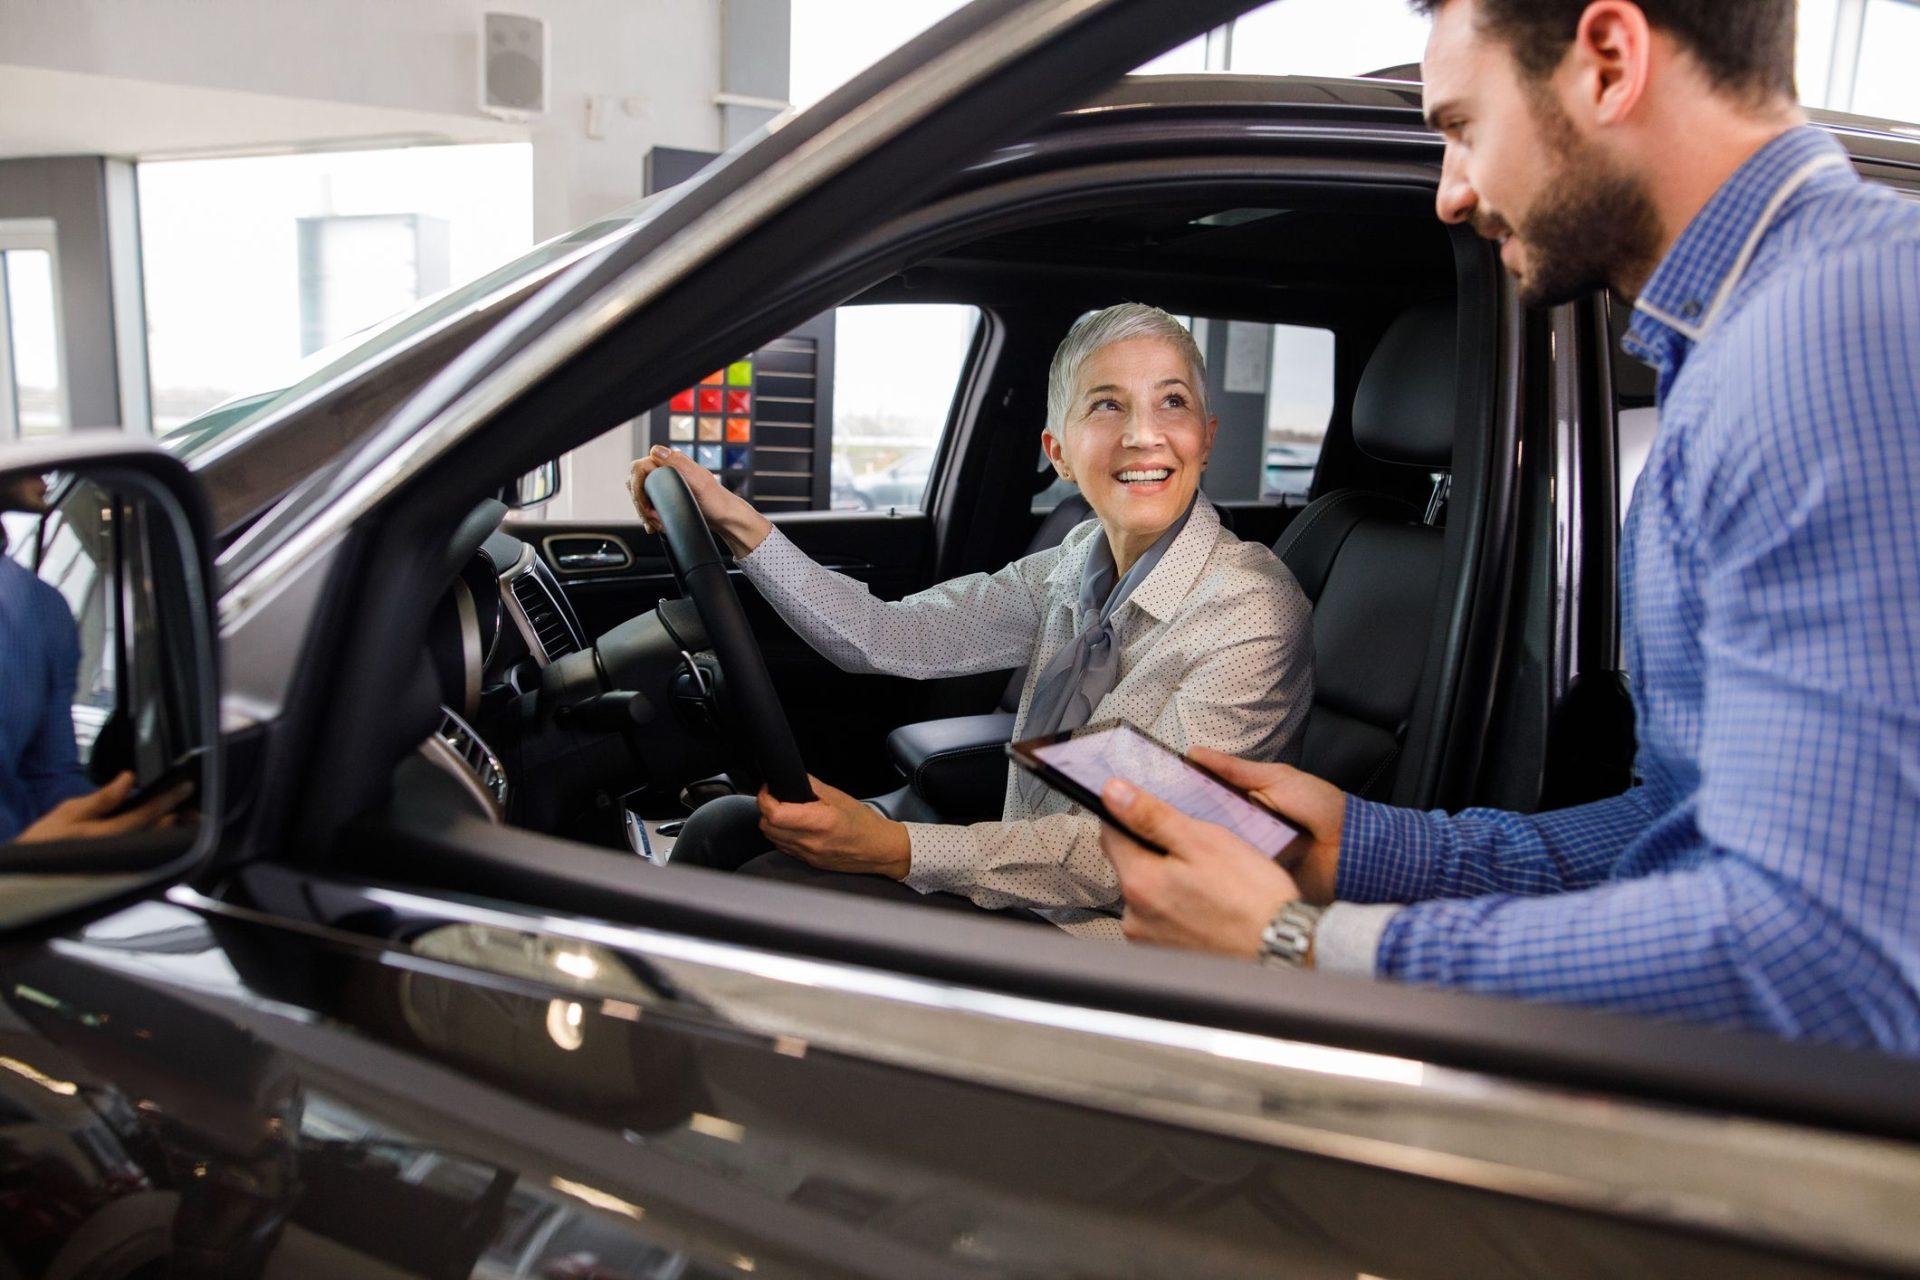 profissão vendedor de carros